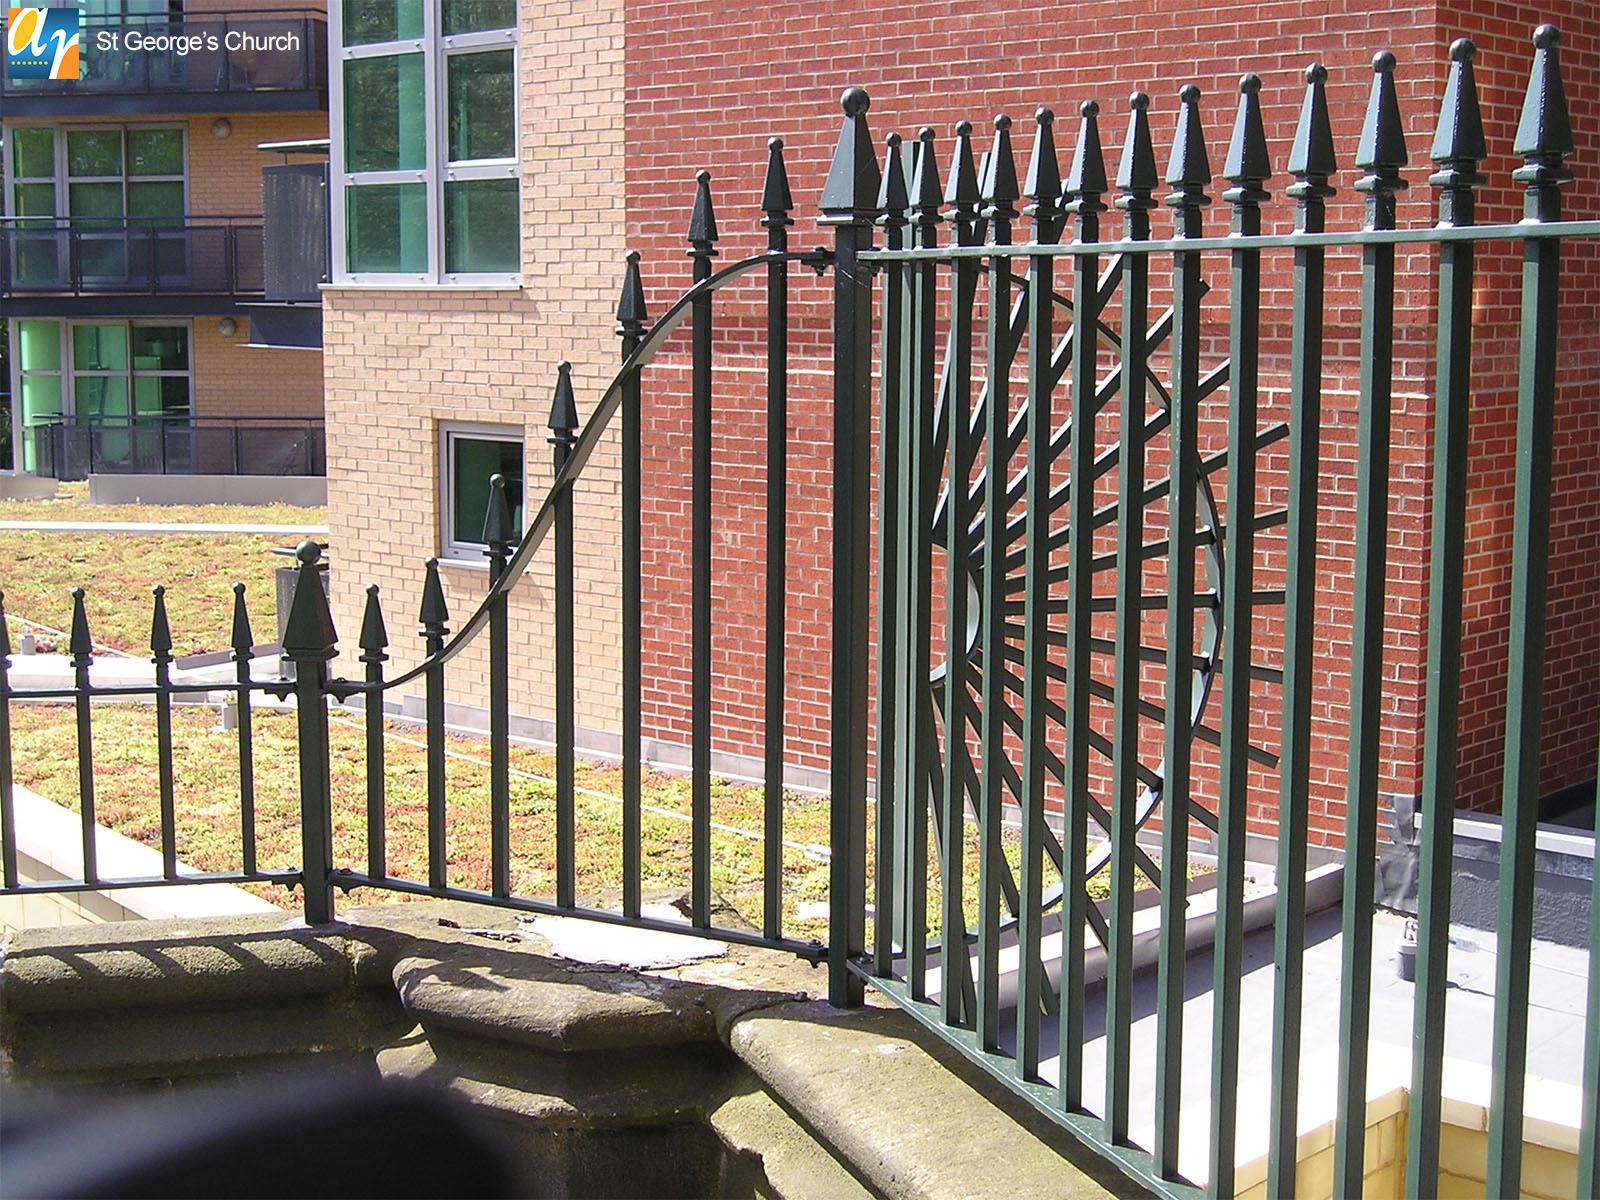 St. George's church churchill vertical bar railings